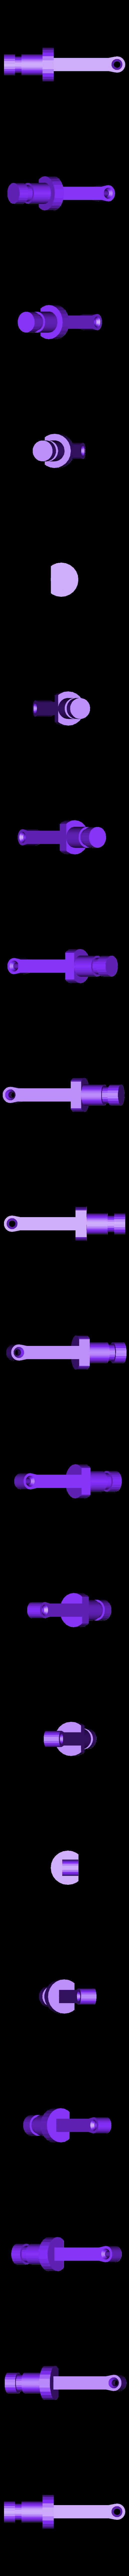 guide_filament_interm├®diaire.stl Télécharger fichier STL gratuit CAISSON DAGOMA - add-on obturateur/guide filament • Modèle à imprimer en 3D, badmax133